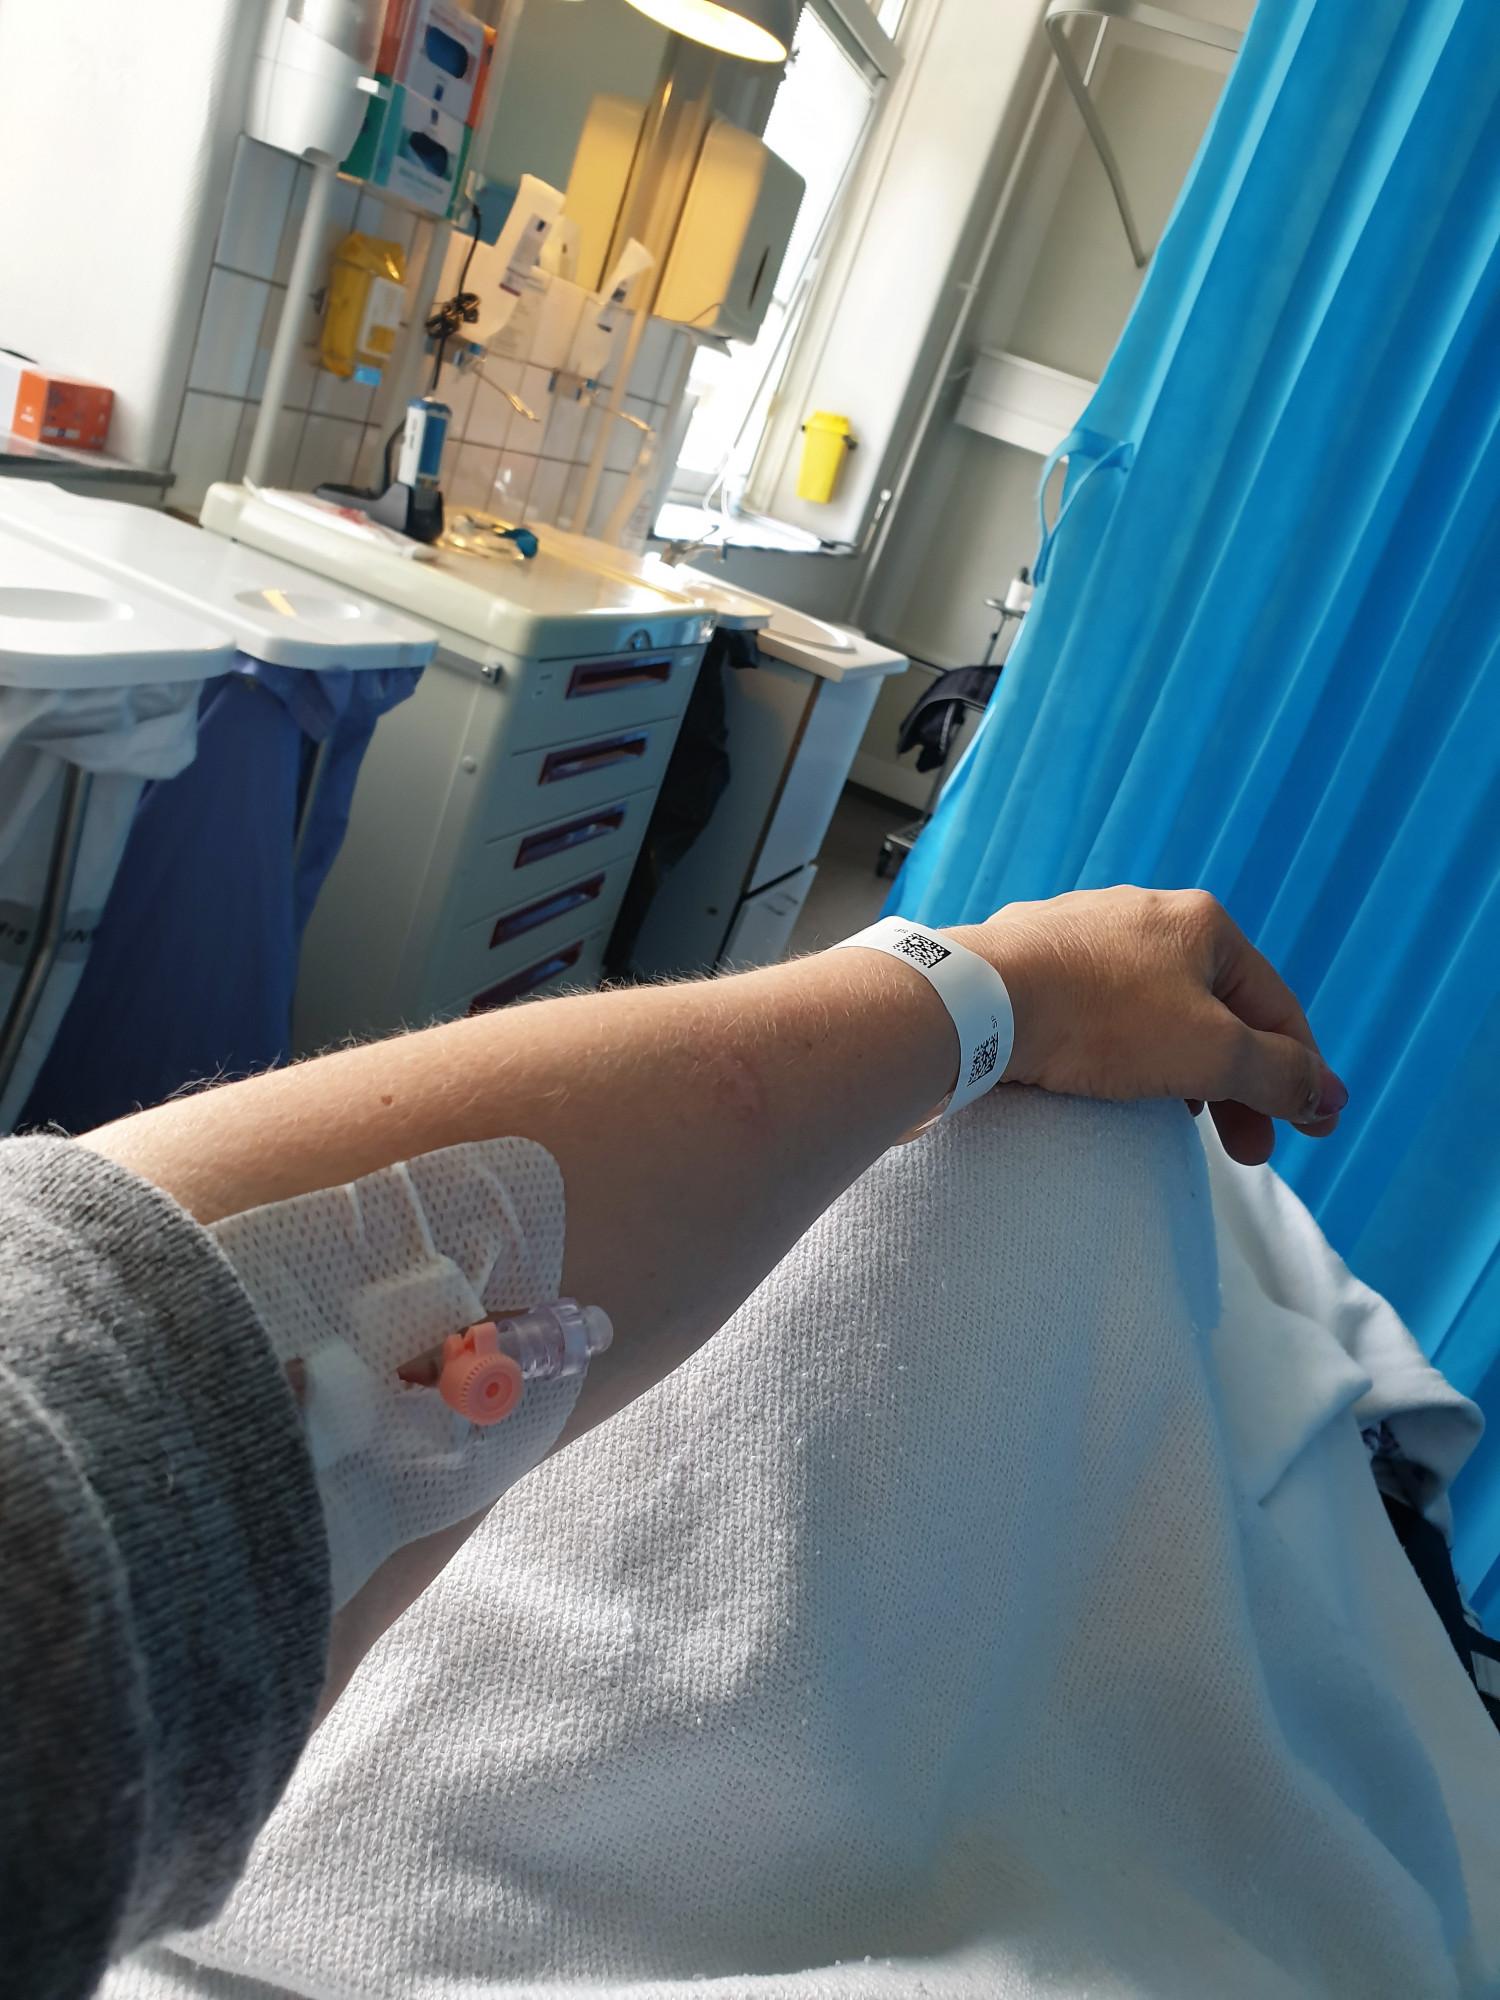 Fra mit ophold på akutmodtagelsen på Bispebjerg hospital...i ambulancen jokede vi kun lidt med at lave stories og selfies...